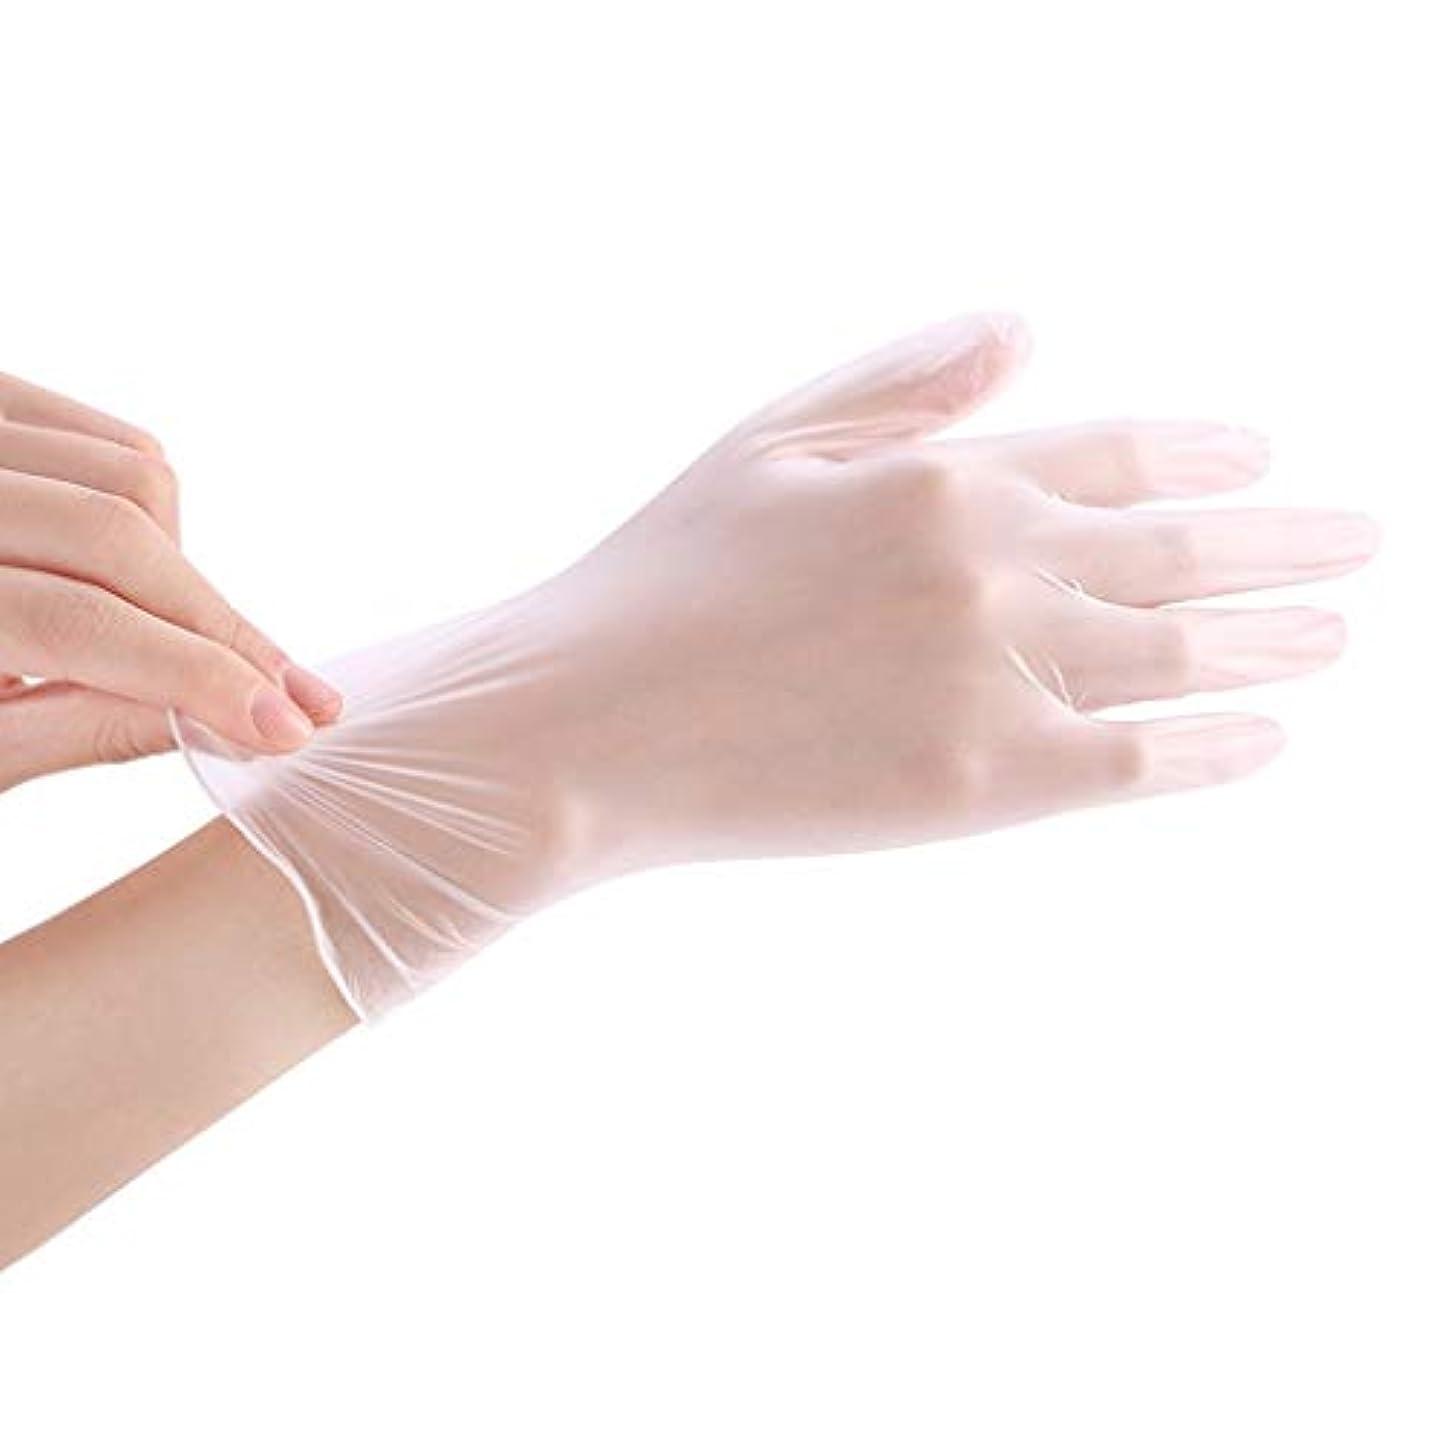 欠乏ポスト印象派ムス使い捨て透明食品ケータリンググレードPVC手袋美容キッチンベーキングフィルム手袋200 YANW (色 : トランスペアレント, サイズ さいず : L l)